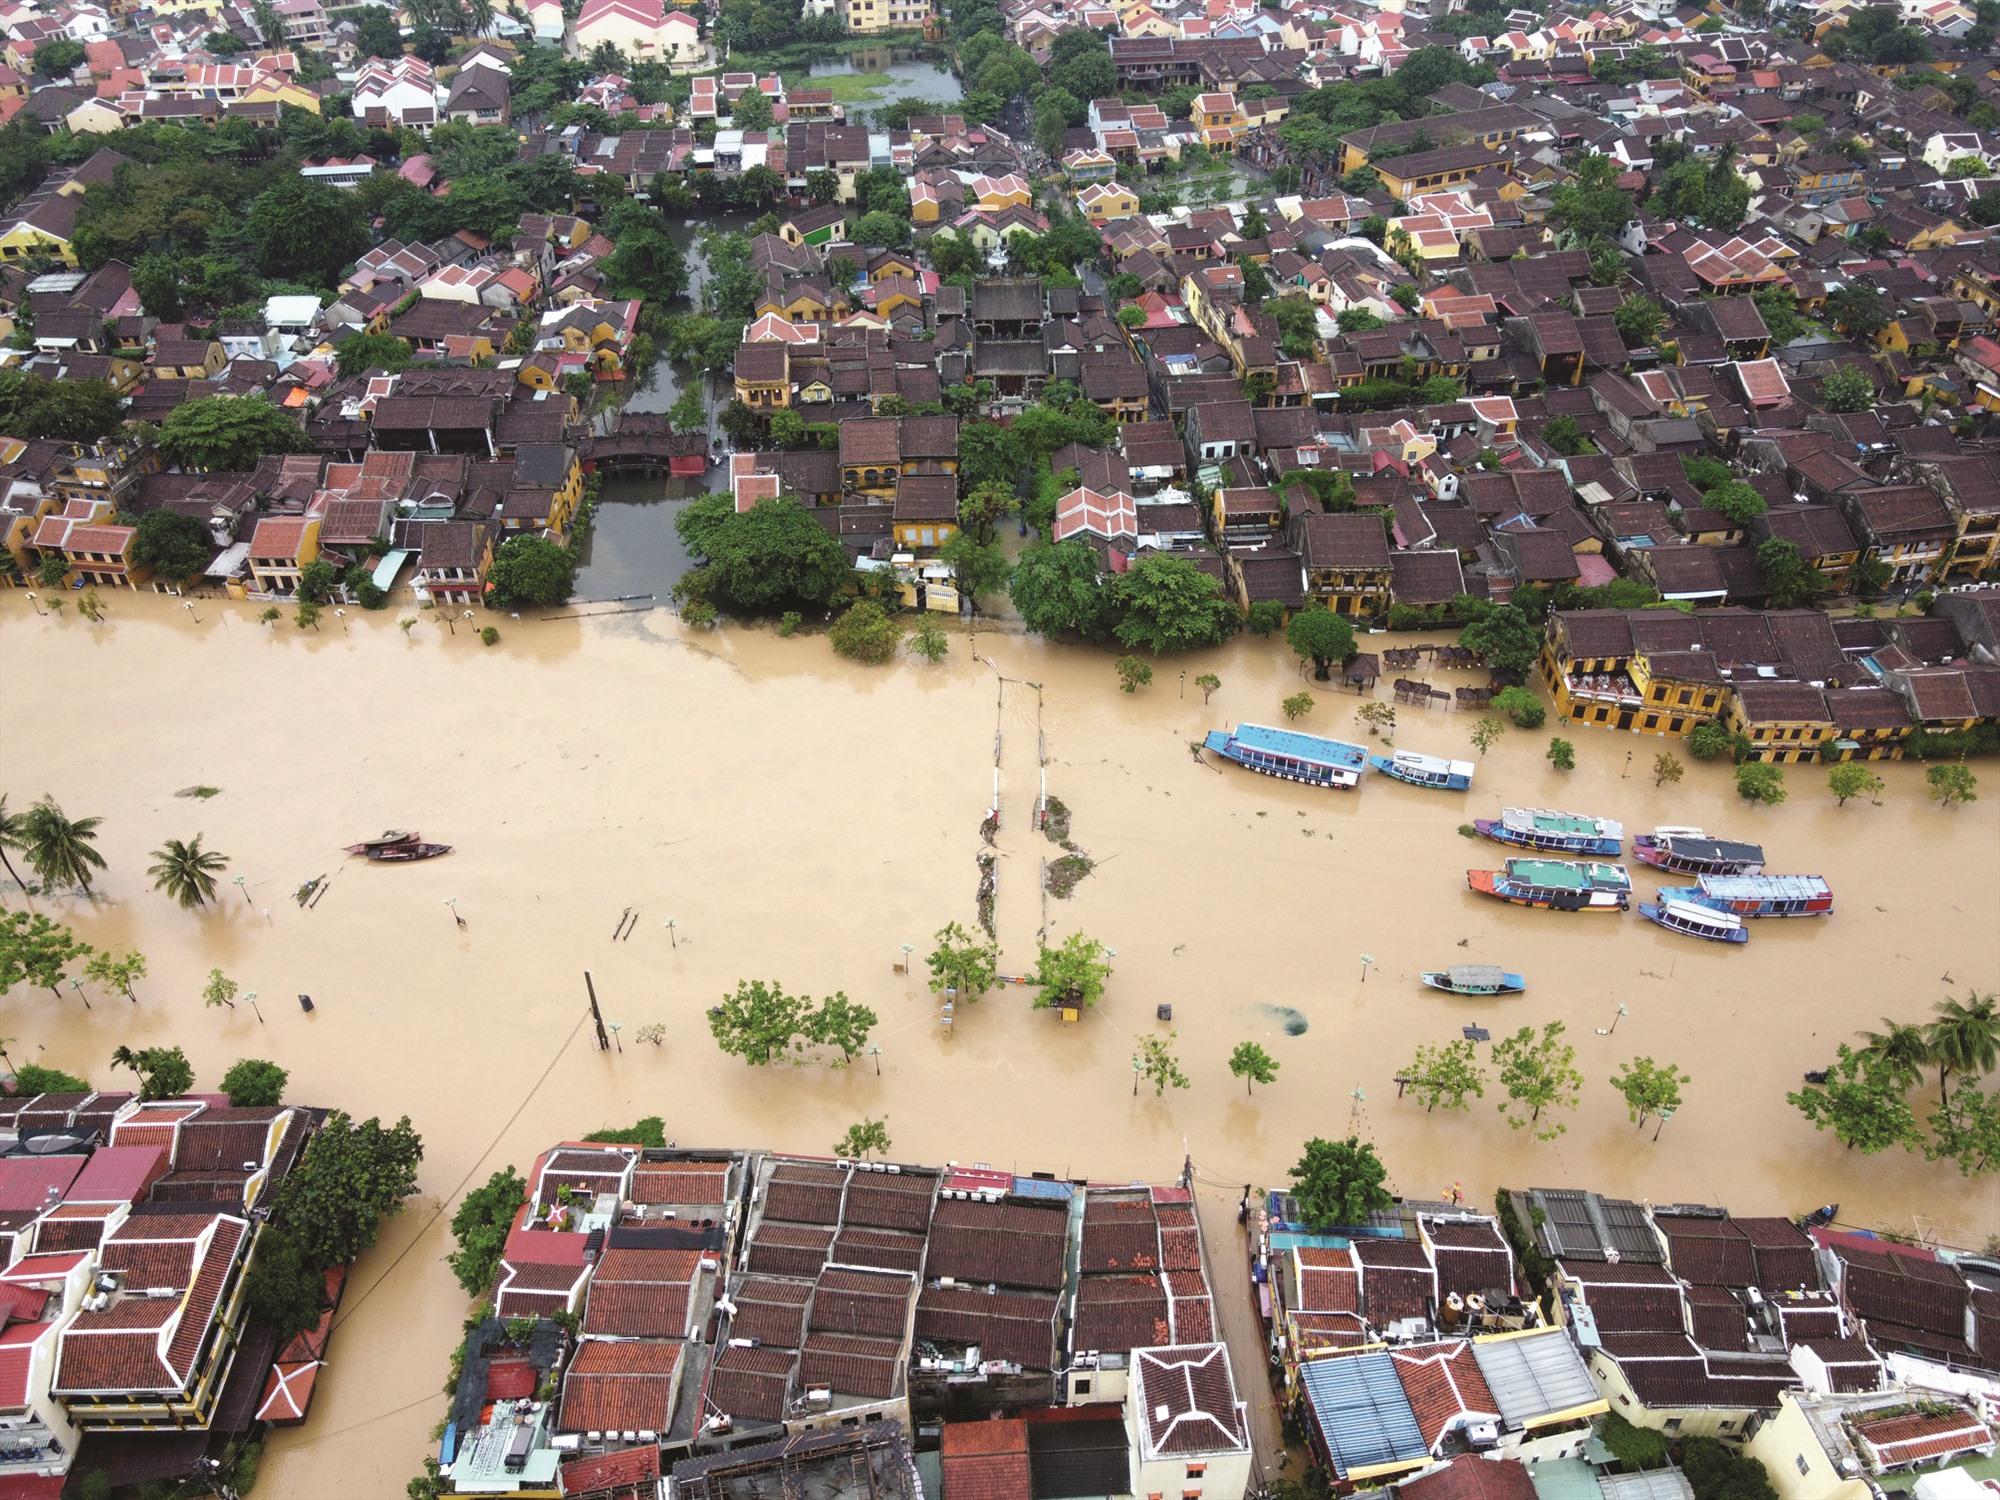 Những tuyến đường trong phố cổ có thể bị ngập sâu đến hơn 1m mỗi mùa mưa lụt. Ảnh: THANH HIẾU